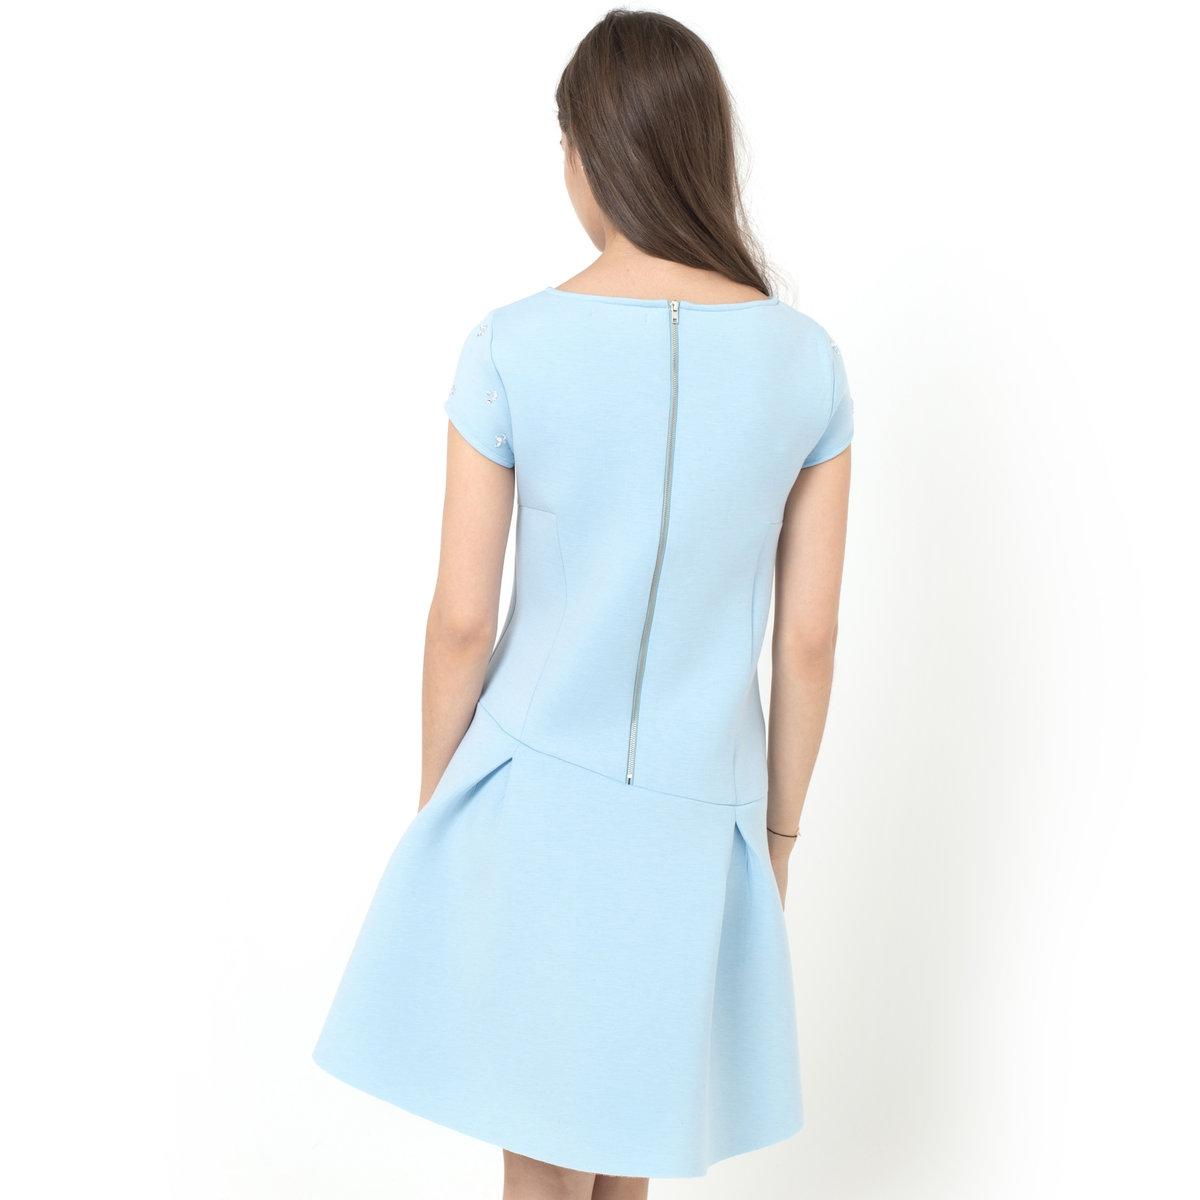 Платье из неопрена с короткими рукавамиПлатье из неопрена, 55% полиэстера, 25% вискозы, 13% полиамида, 7% эластана. Короткие рукава. Круглый вырез. Украшение на рукавах. Асимметричный низ. Застежка на молнию сзади. Длина 88 см.<br><br>Цвет: небесно-голубой,серый,черный<br>Размер: 38 (FR) - 44 (RUS).36 (FR) - 42 (RUS).40 (FR) - 46 (RUS).42 (FR) - 48 (RUS).38 (FR) - 44 (RUS).40 (FR) - 46 (RUS)